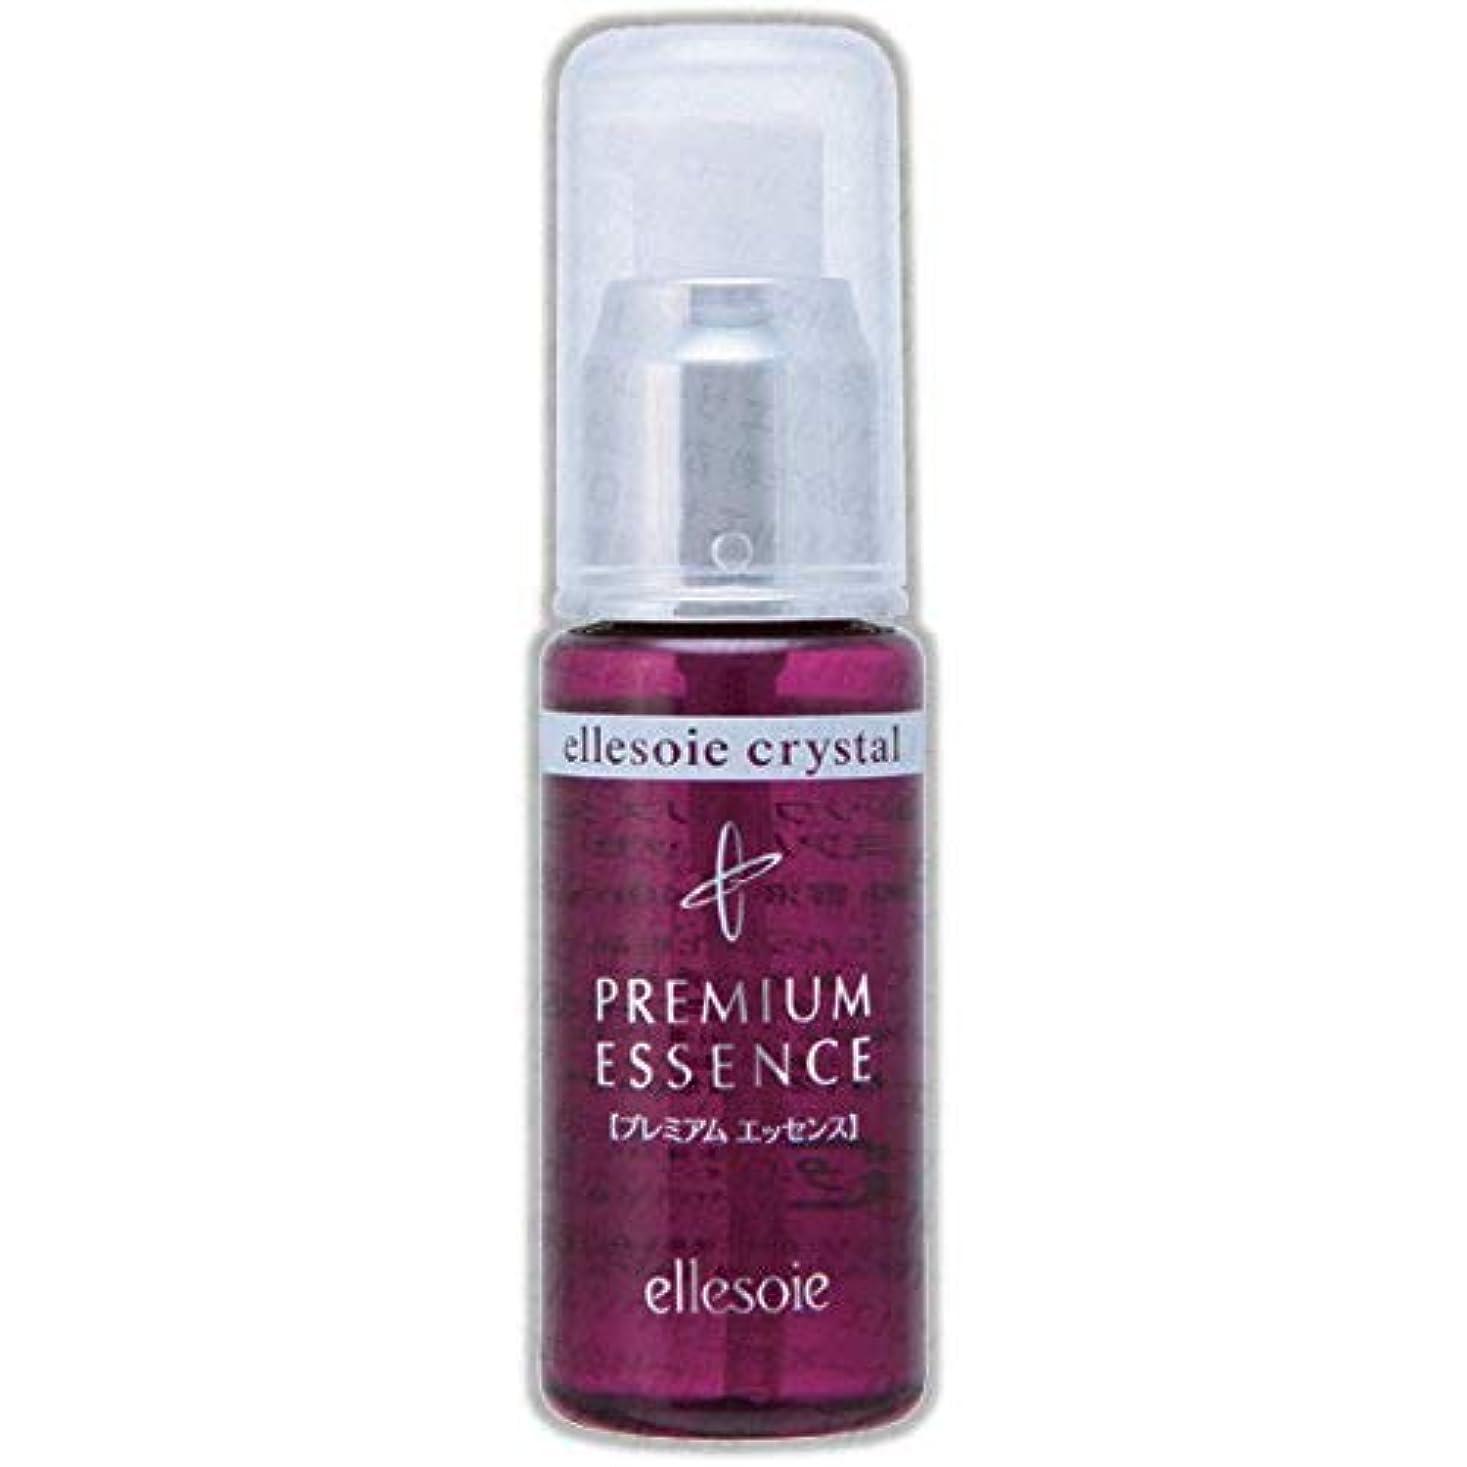 ちょうつがいブロッサム独立したエルソワ化粧品(ellesoie) クリスタル プレミアムエッセンス 美容液